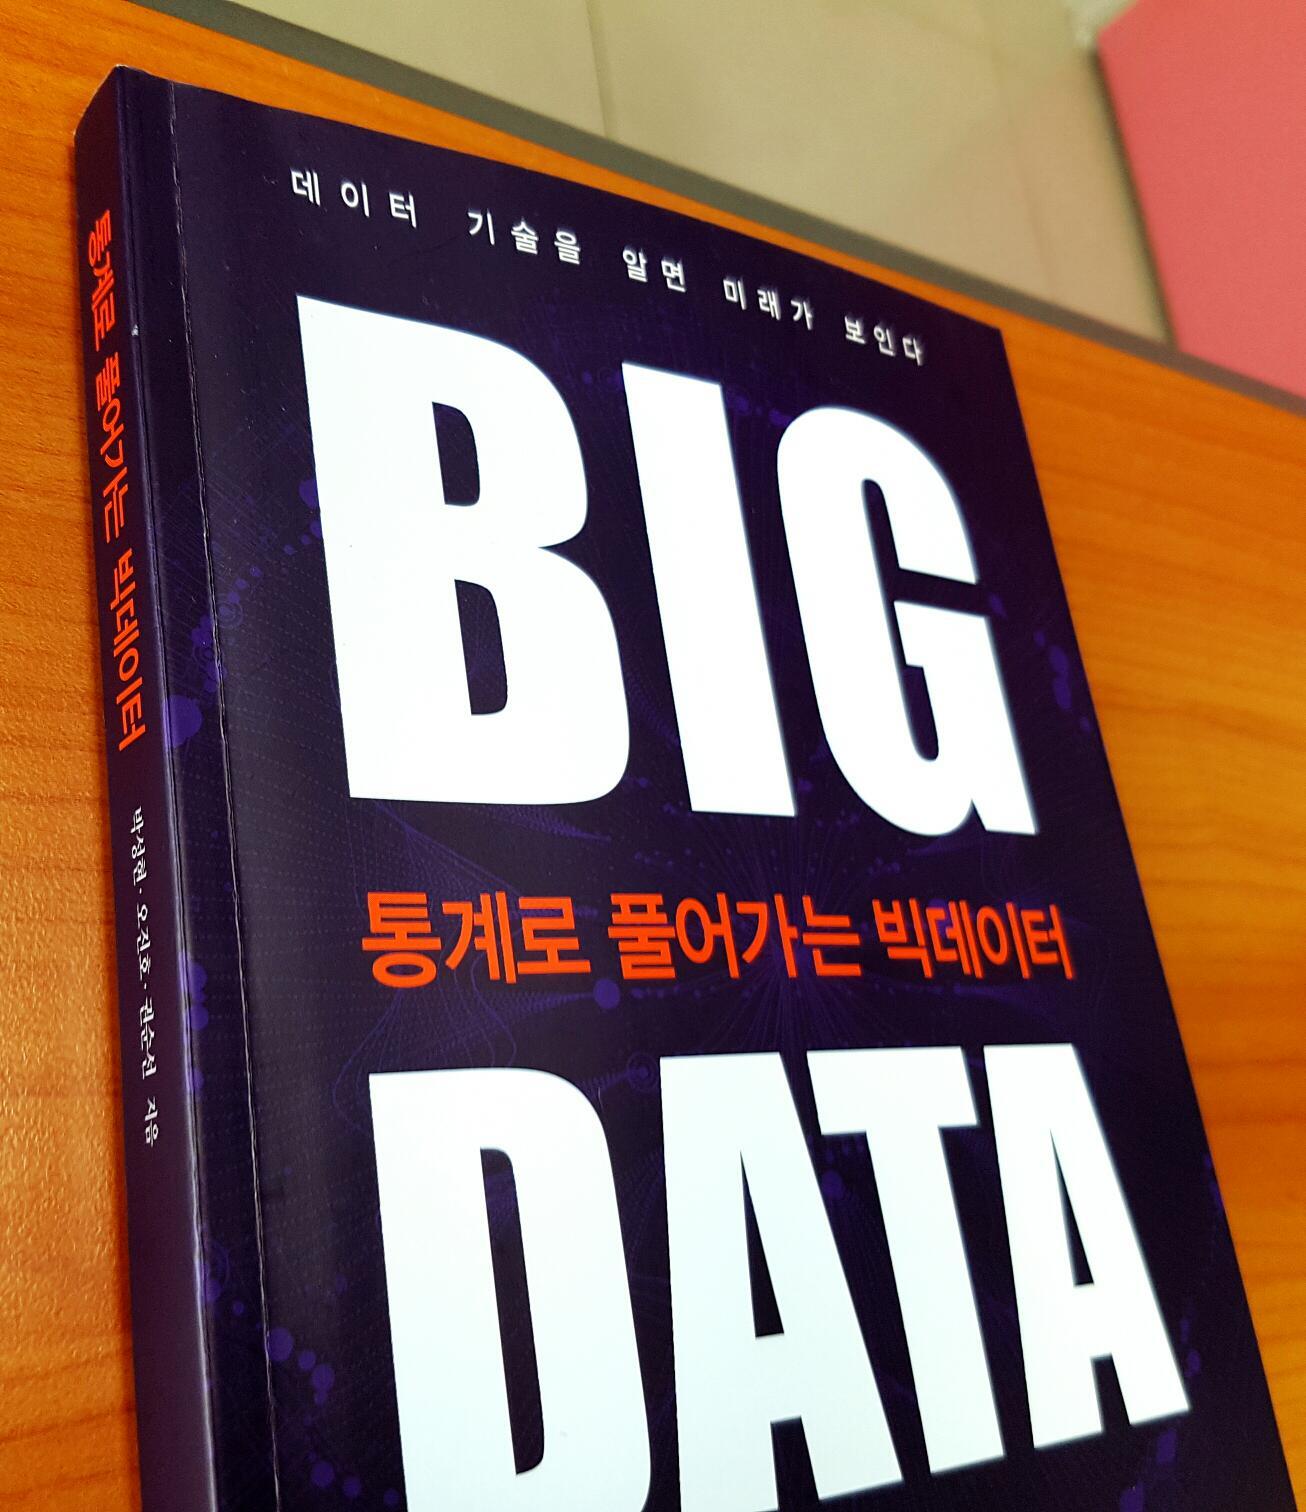 <빅데이터, Big Data> 박성현 - 통계로 풀어가는 ...